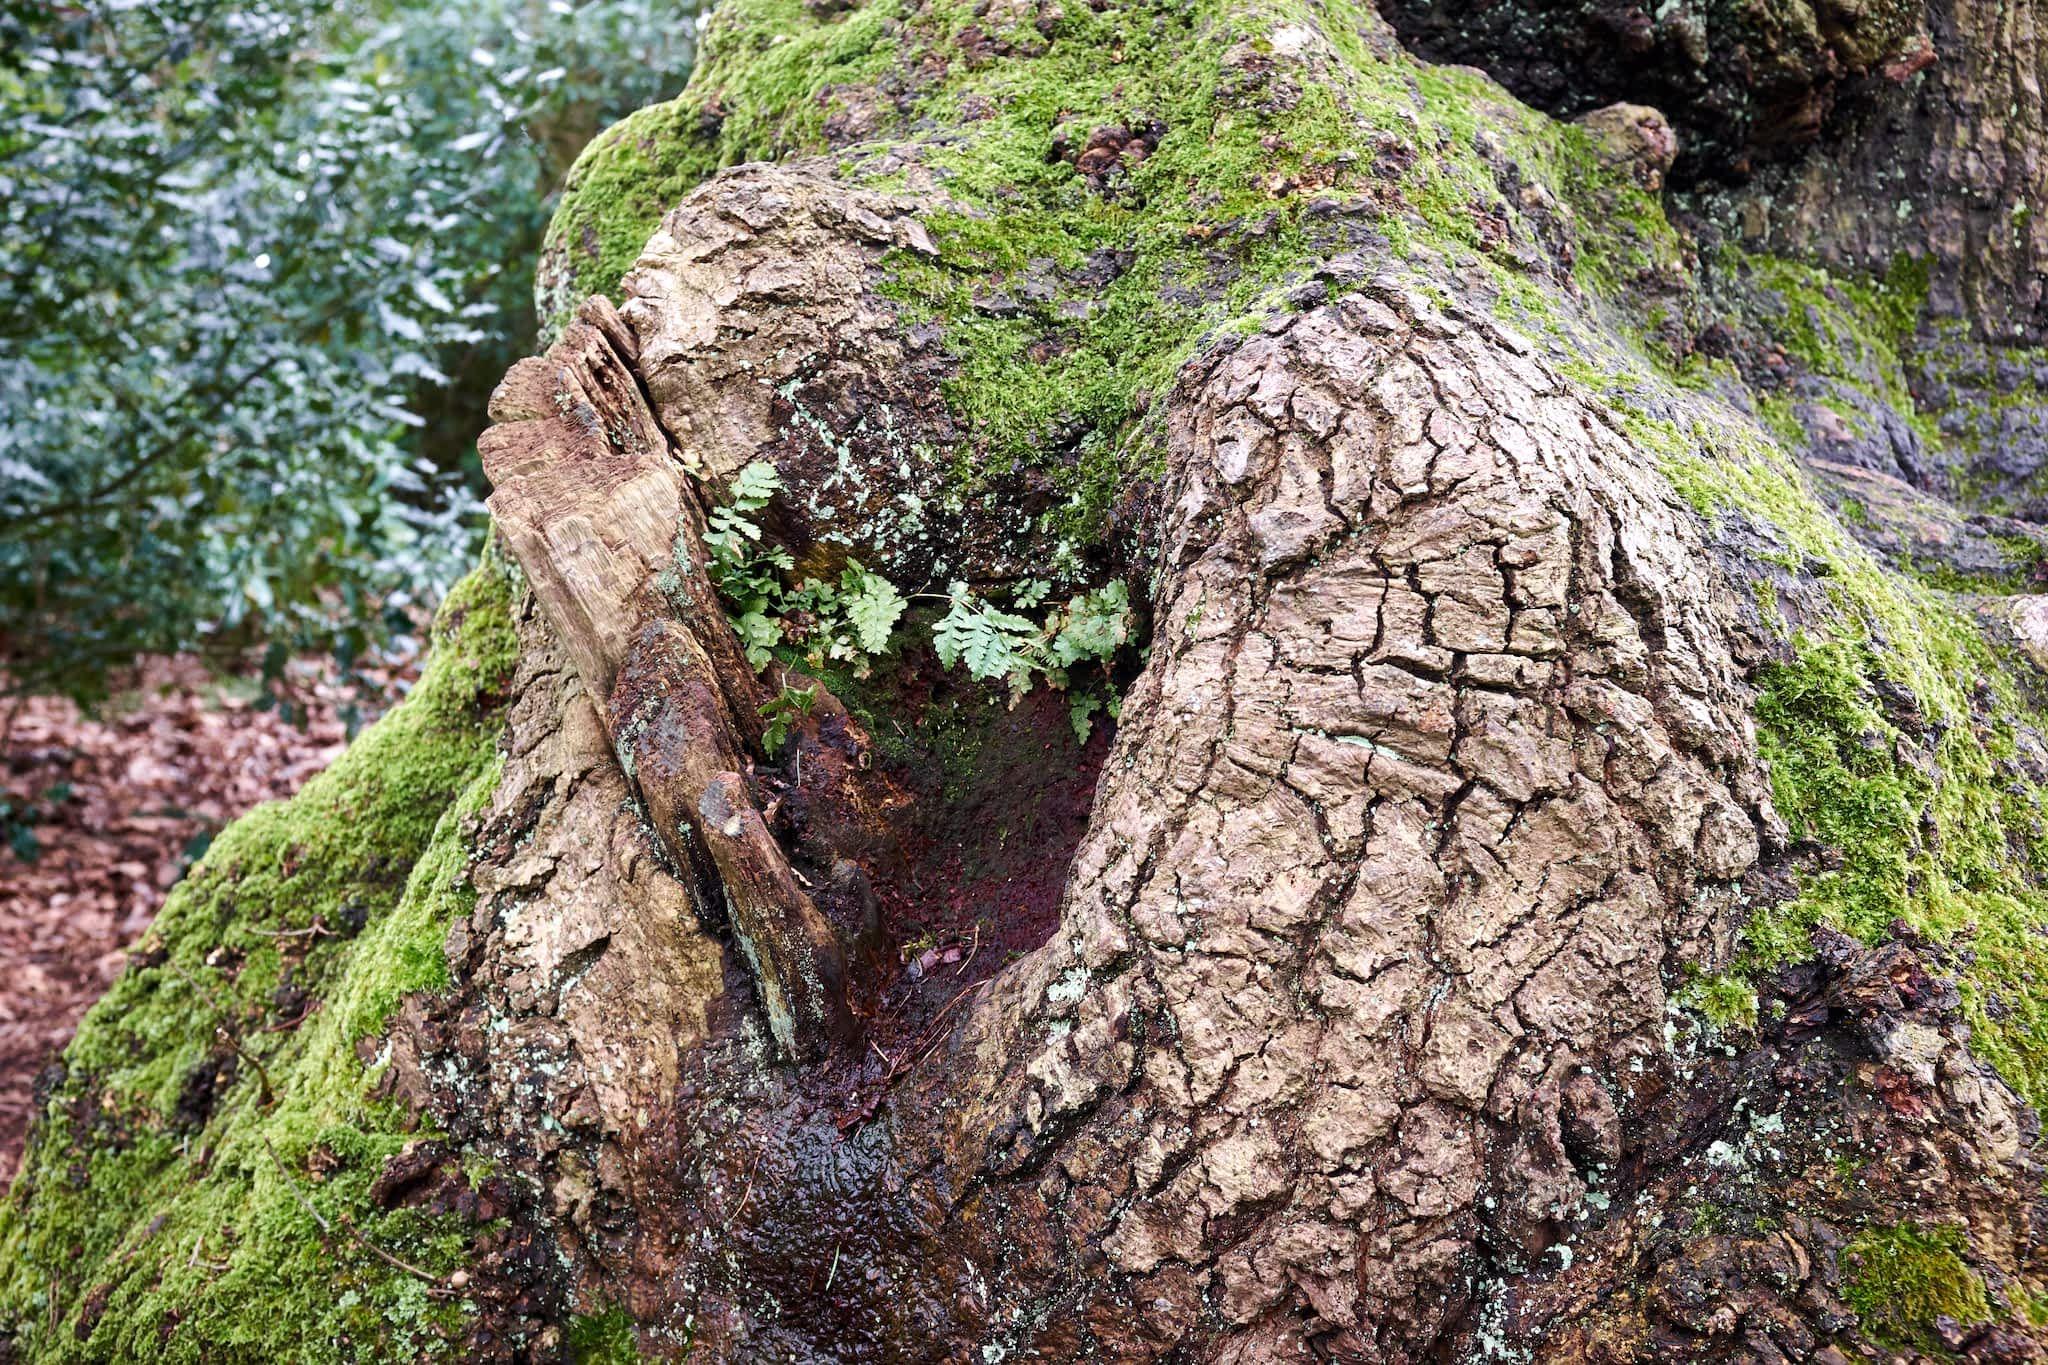 sheltered ferns